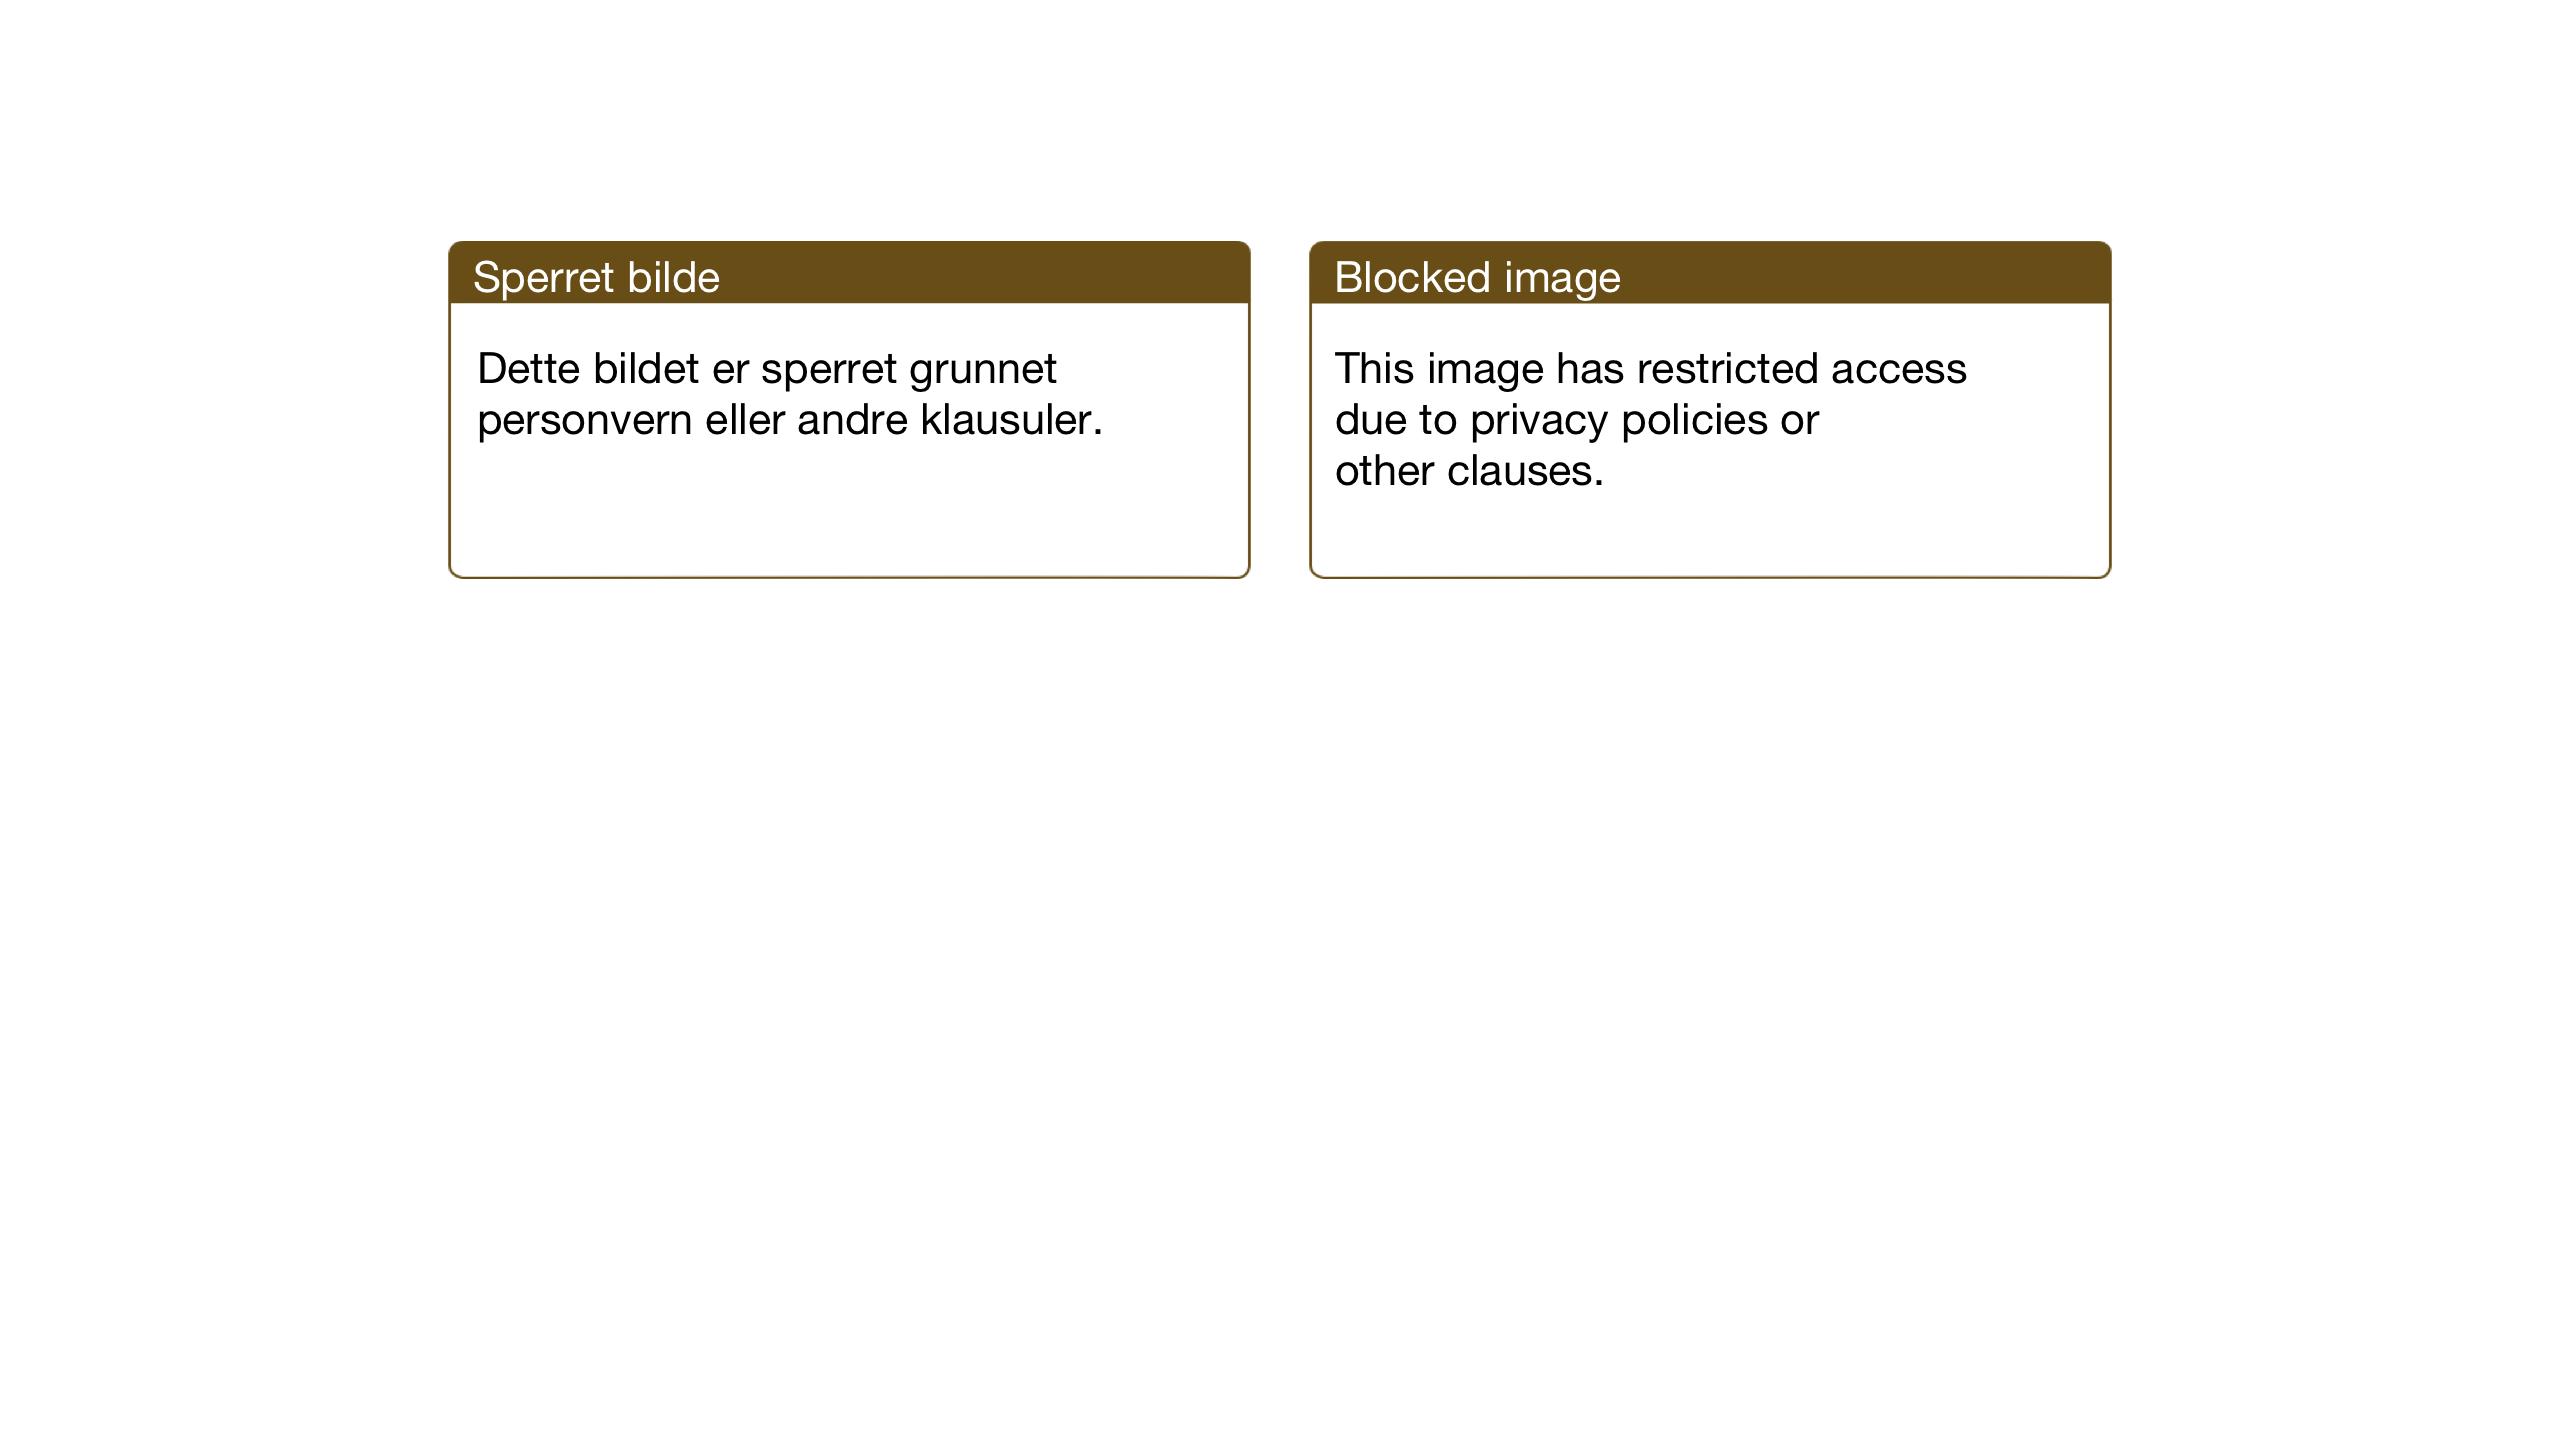 SAT, Ministerialprotokoller, klokkerbøker og fødselsregistre - Sør-Trøndelag, 682/L0947: Klokkerbok nr. 682C01, 1926-1968, s. 7